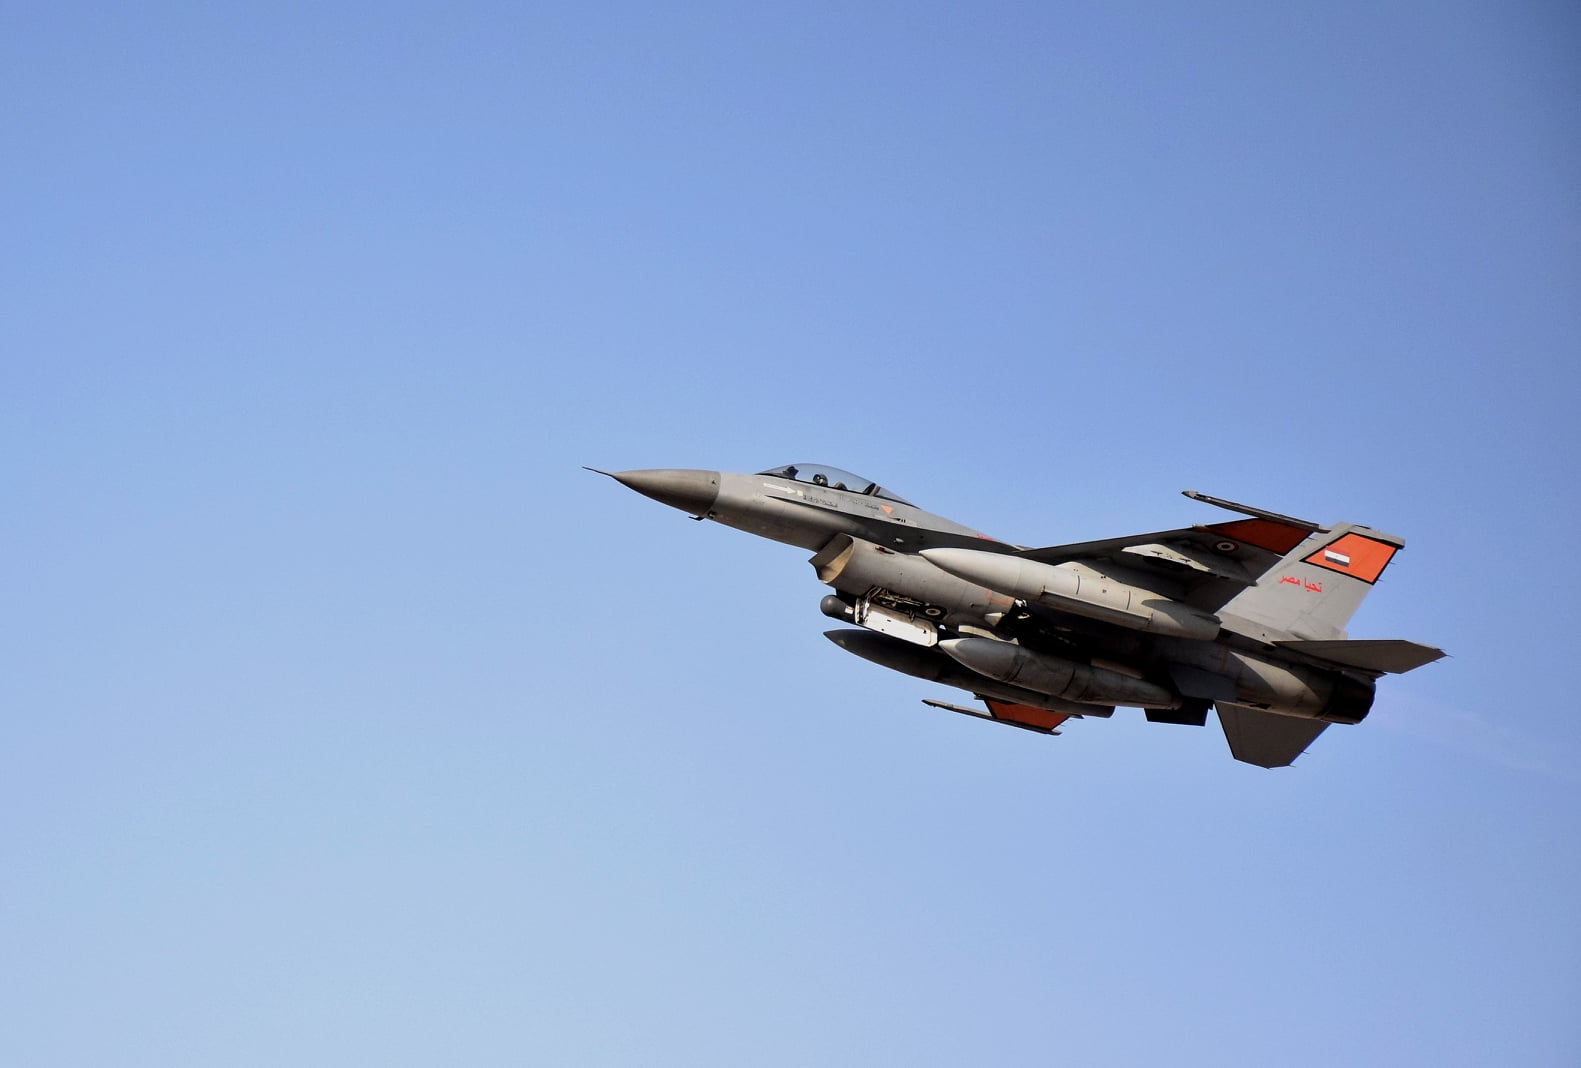 صور| القوات الجوية المصرية واليونانية تنفذان تدريبًا جويًا بإحدى القواعد الجوية اليونانية